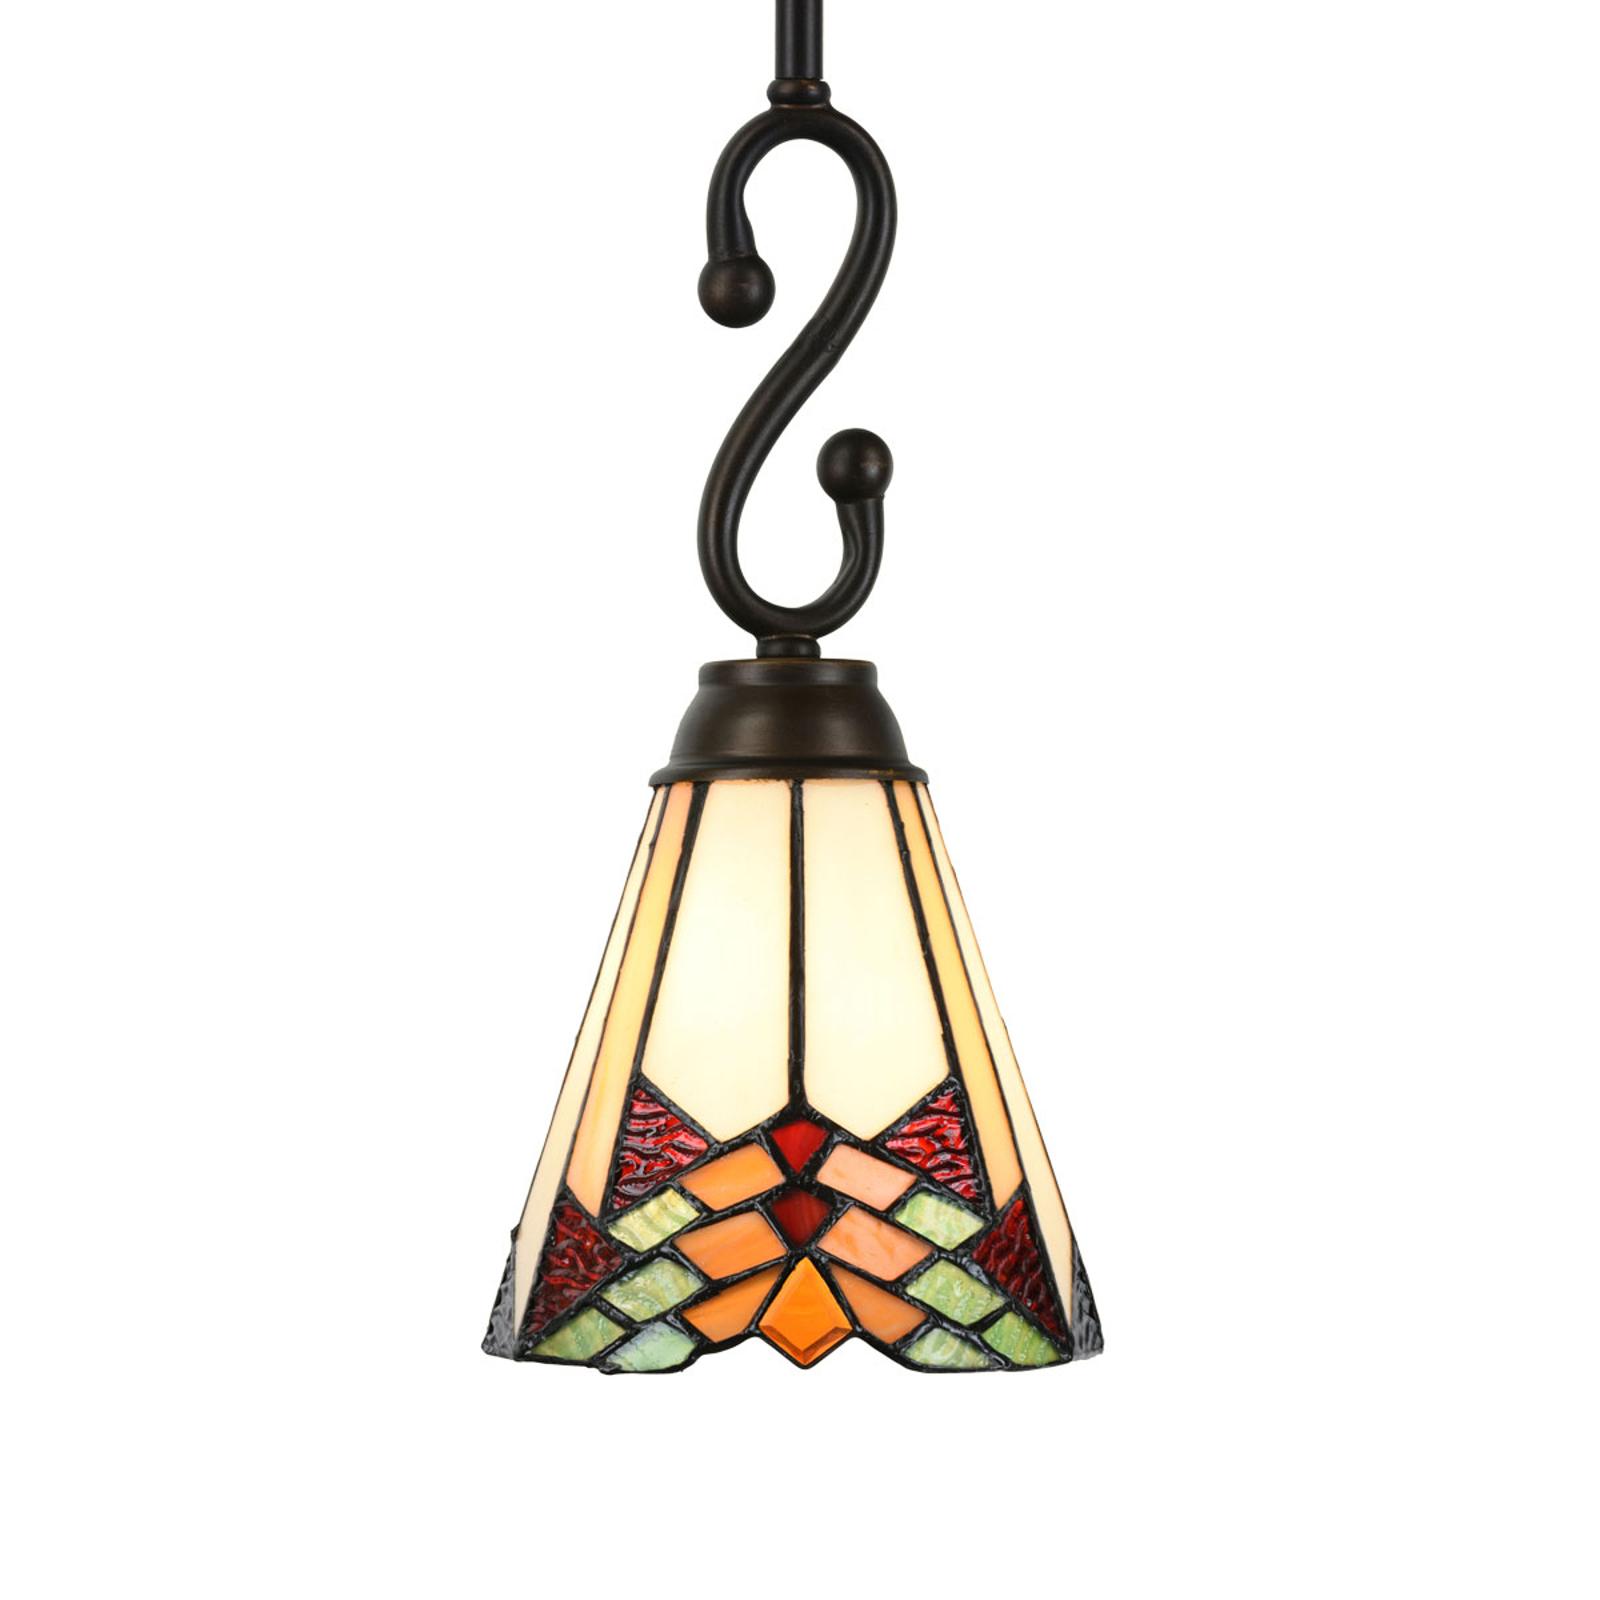 Hængelampe 5965 i tiffanydesign, 1 lyskilde